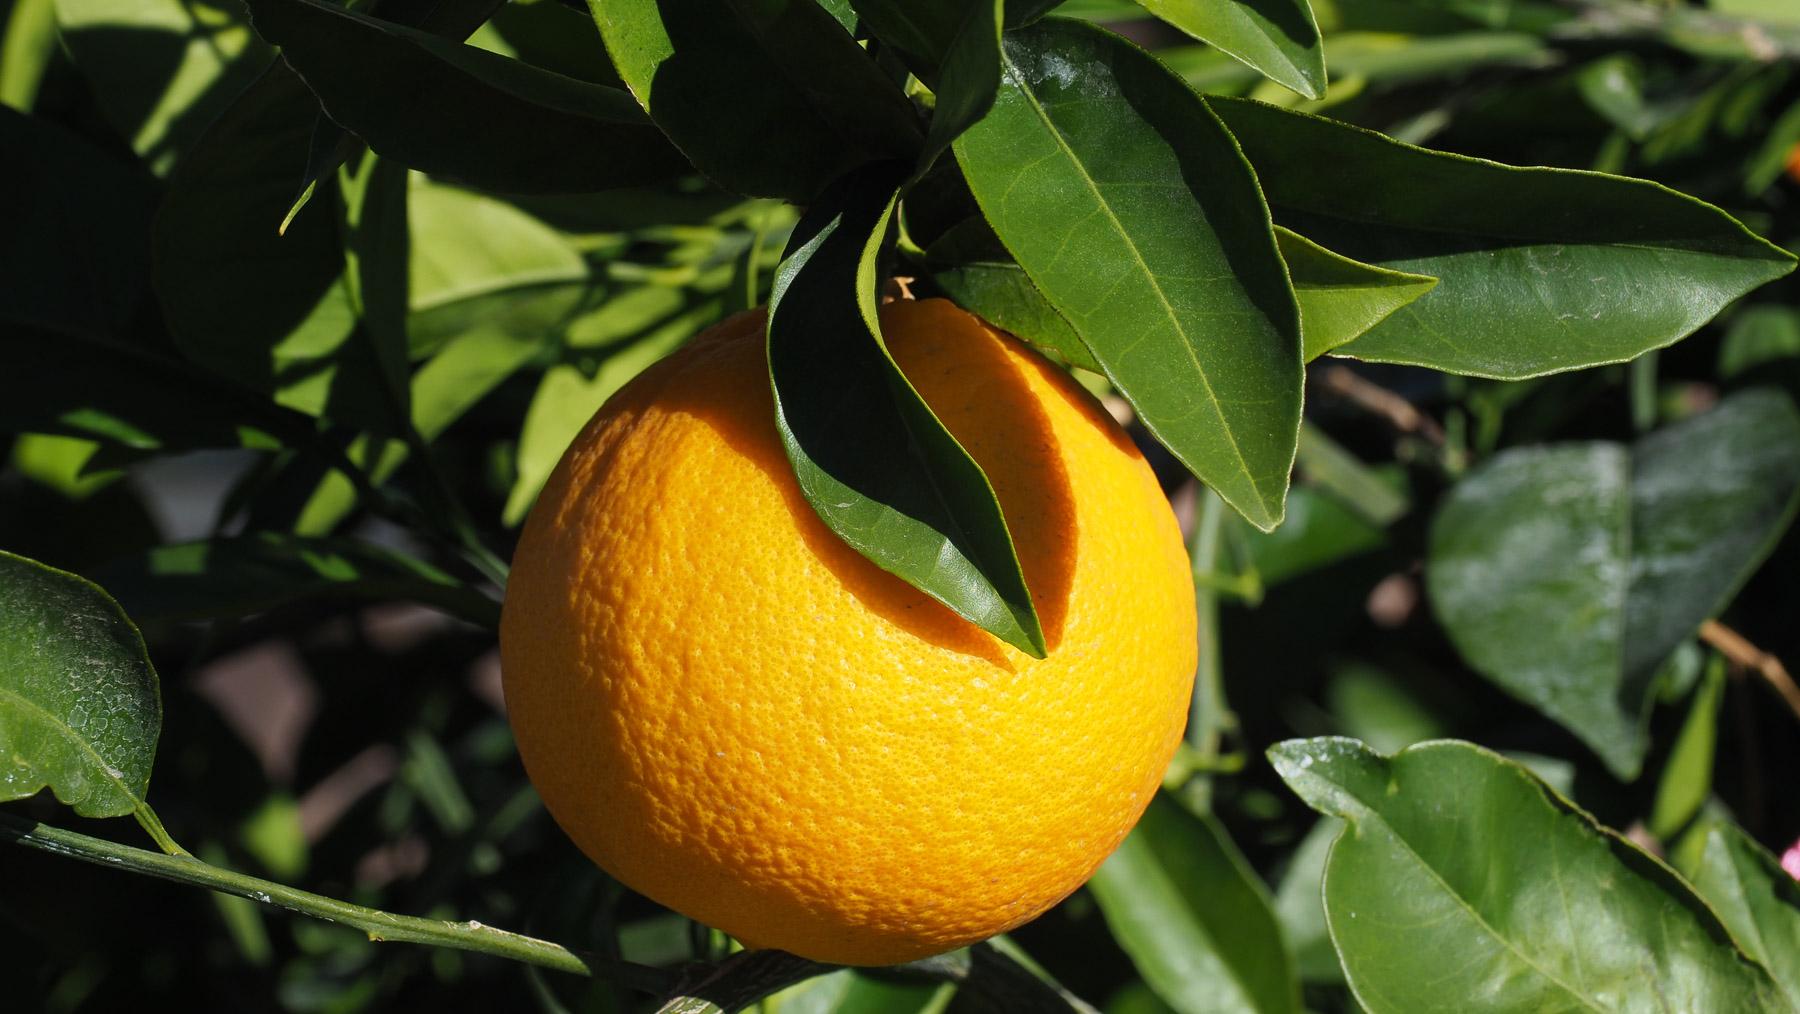 Ihr Orangenbaum im Garten ist voller Früchte